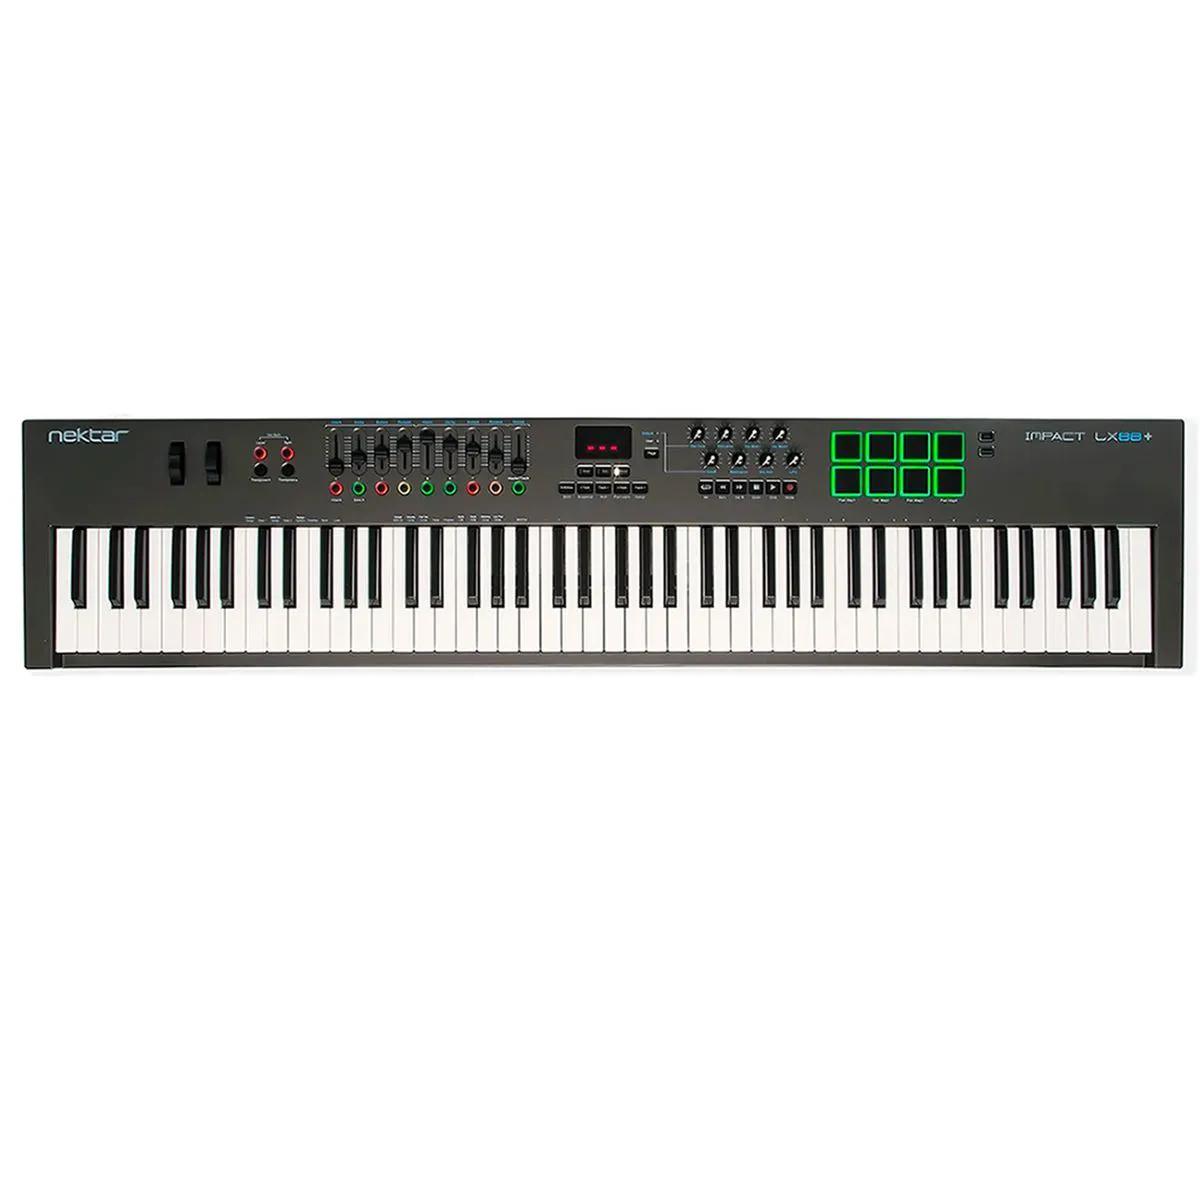 Teclado Controlador Nektar Impact LX88+ MIDI USB 88 Teclas